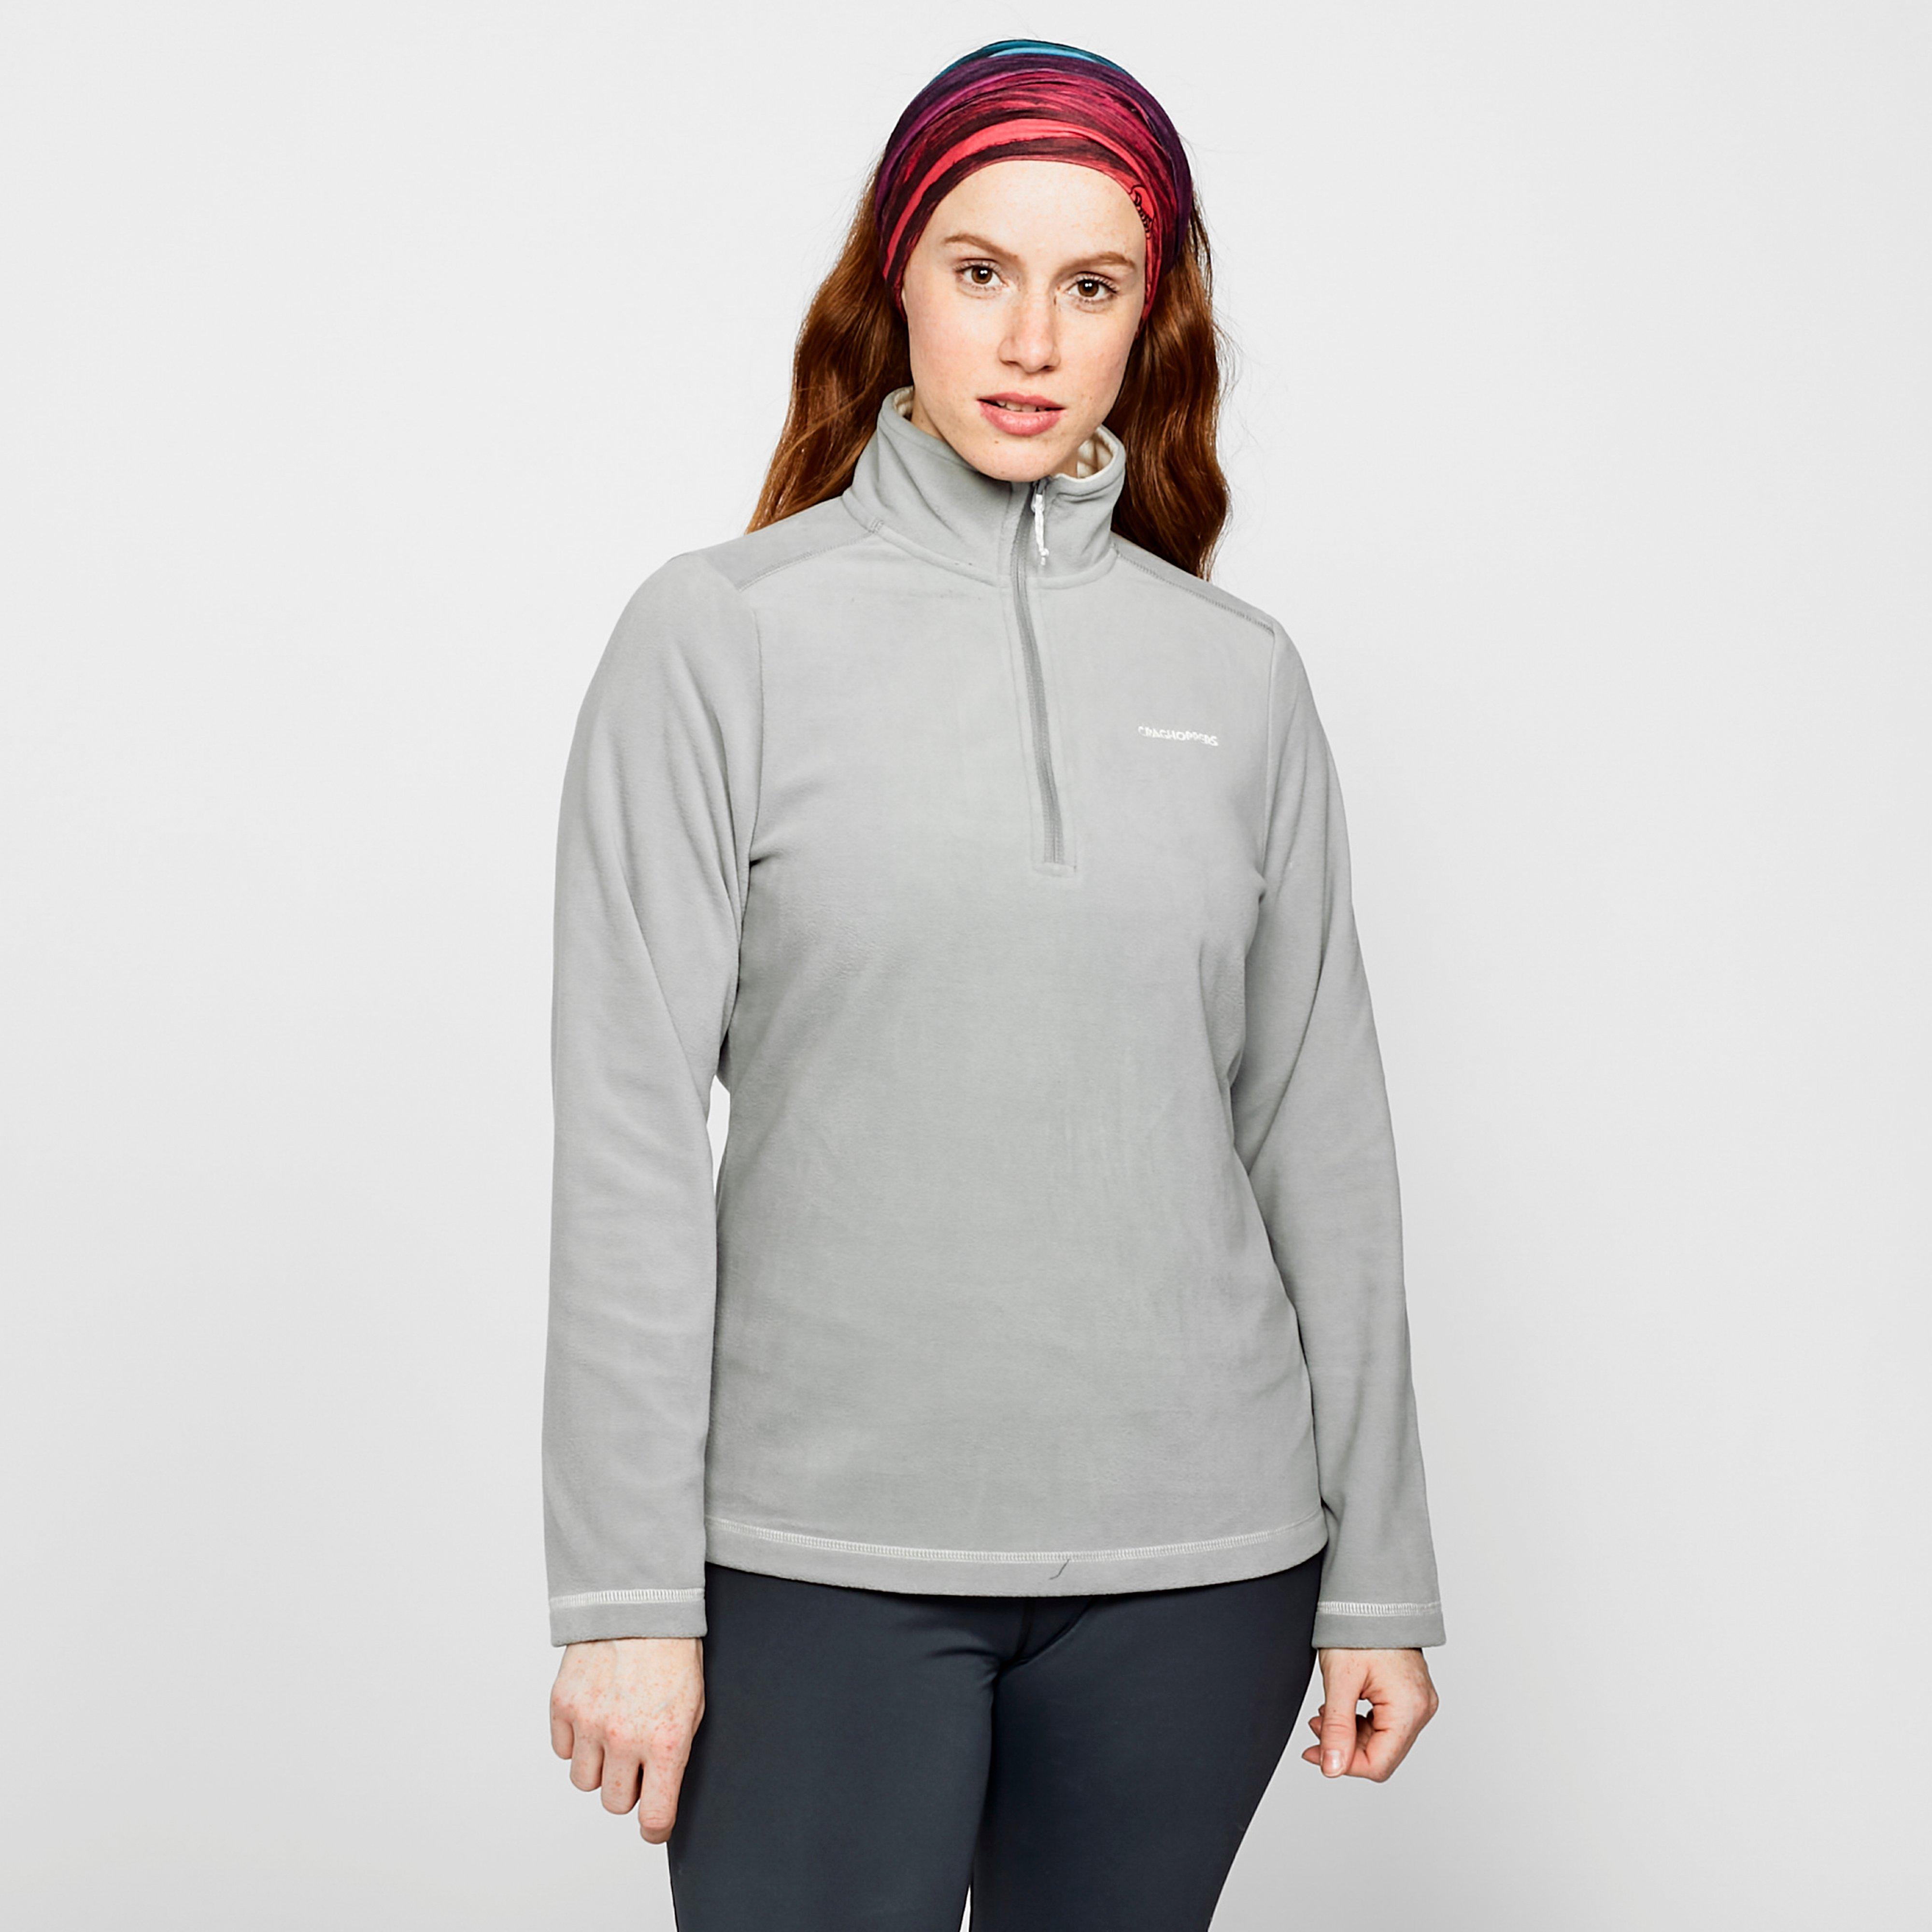 Craghoppers Women's Petra Half Zip Fleece - Grey/Gry, Grey